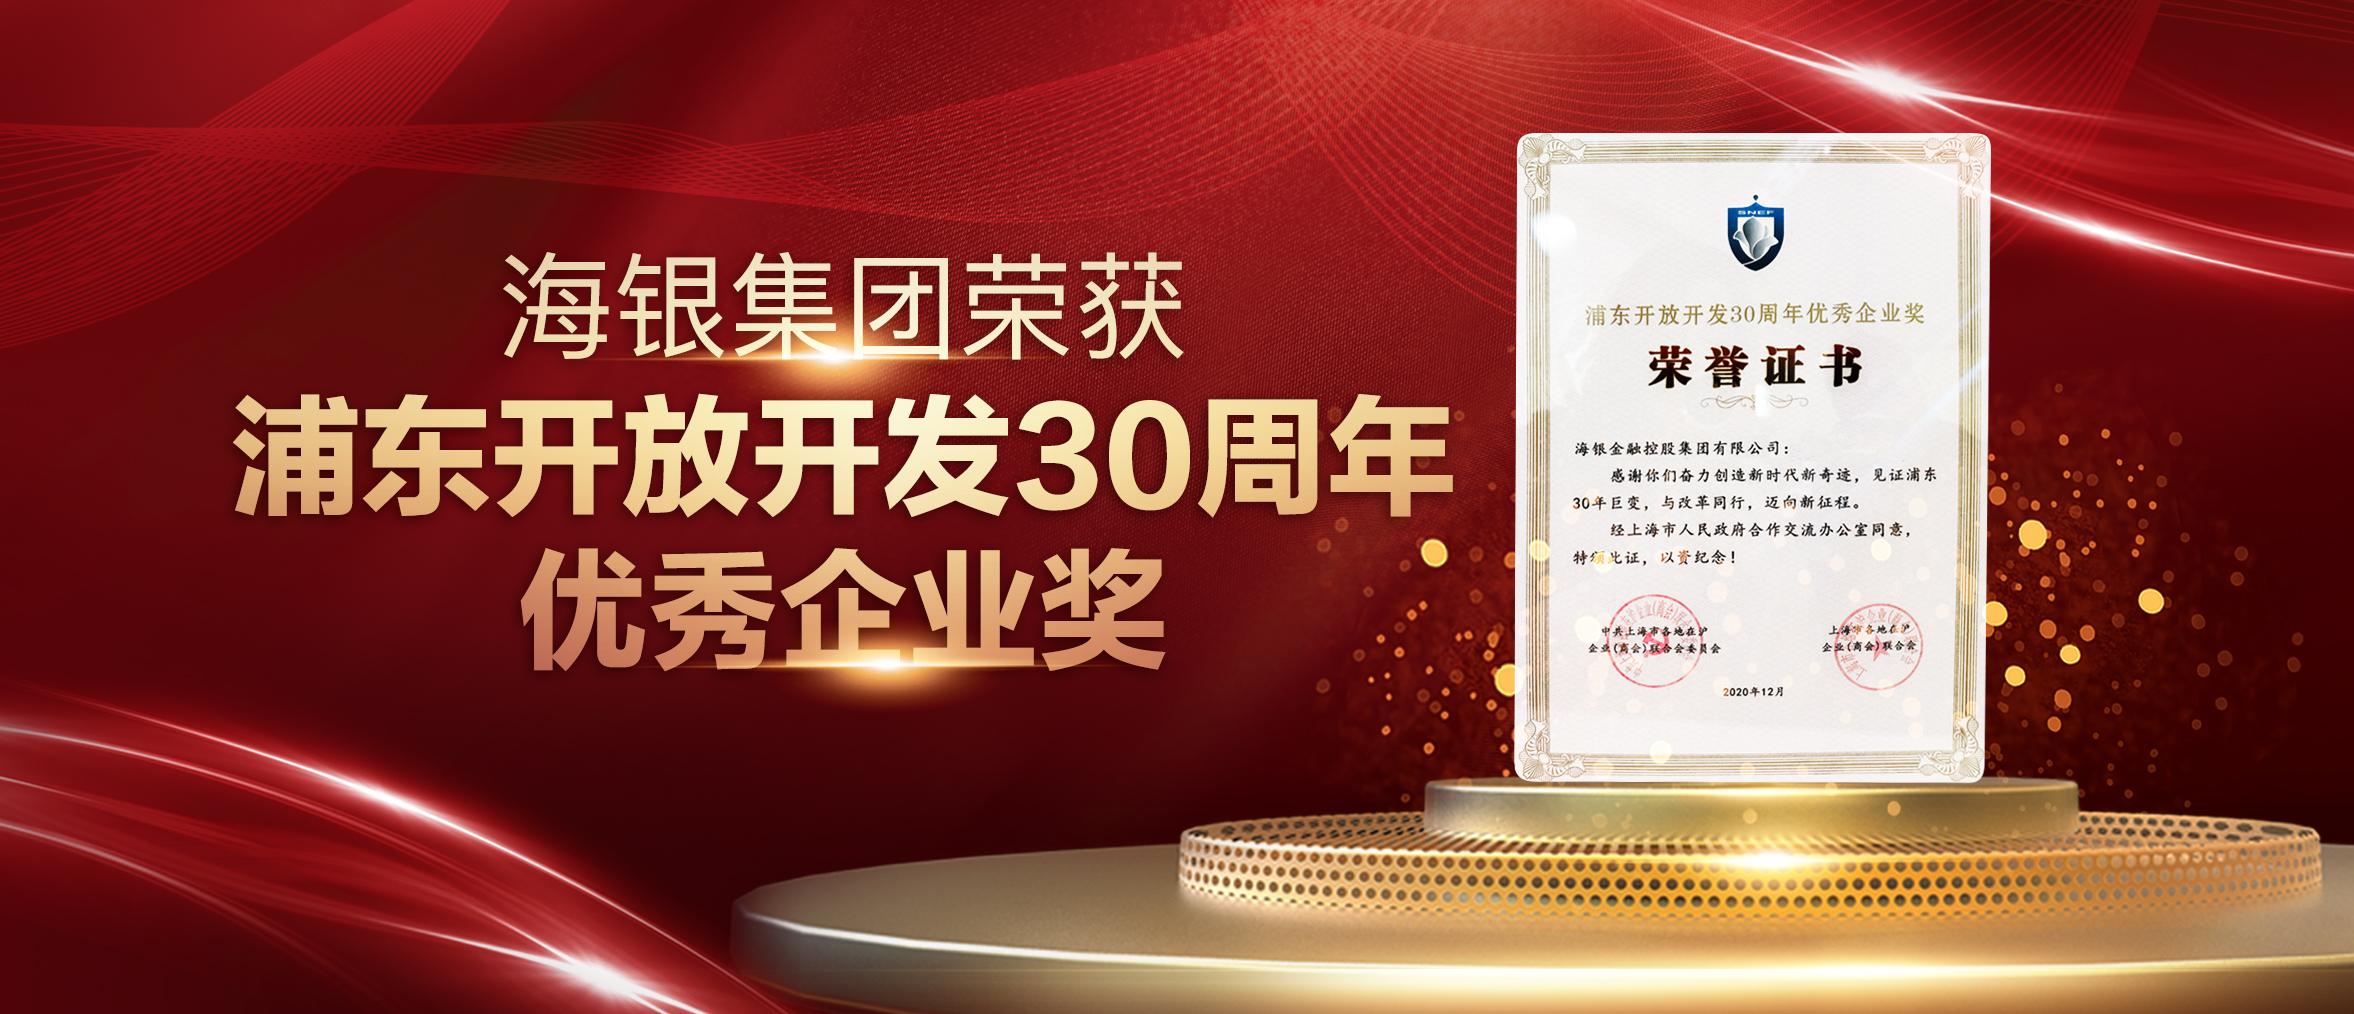 """海银集团荣获""""浦东开放开发30周年优秀企业奖"""""""